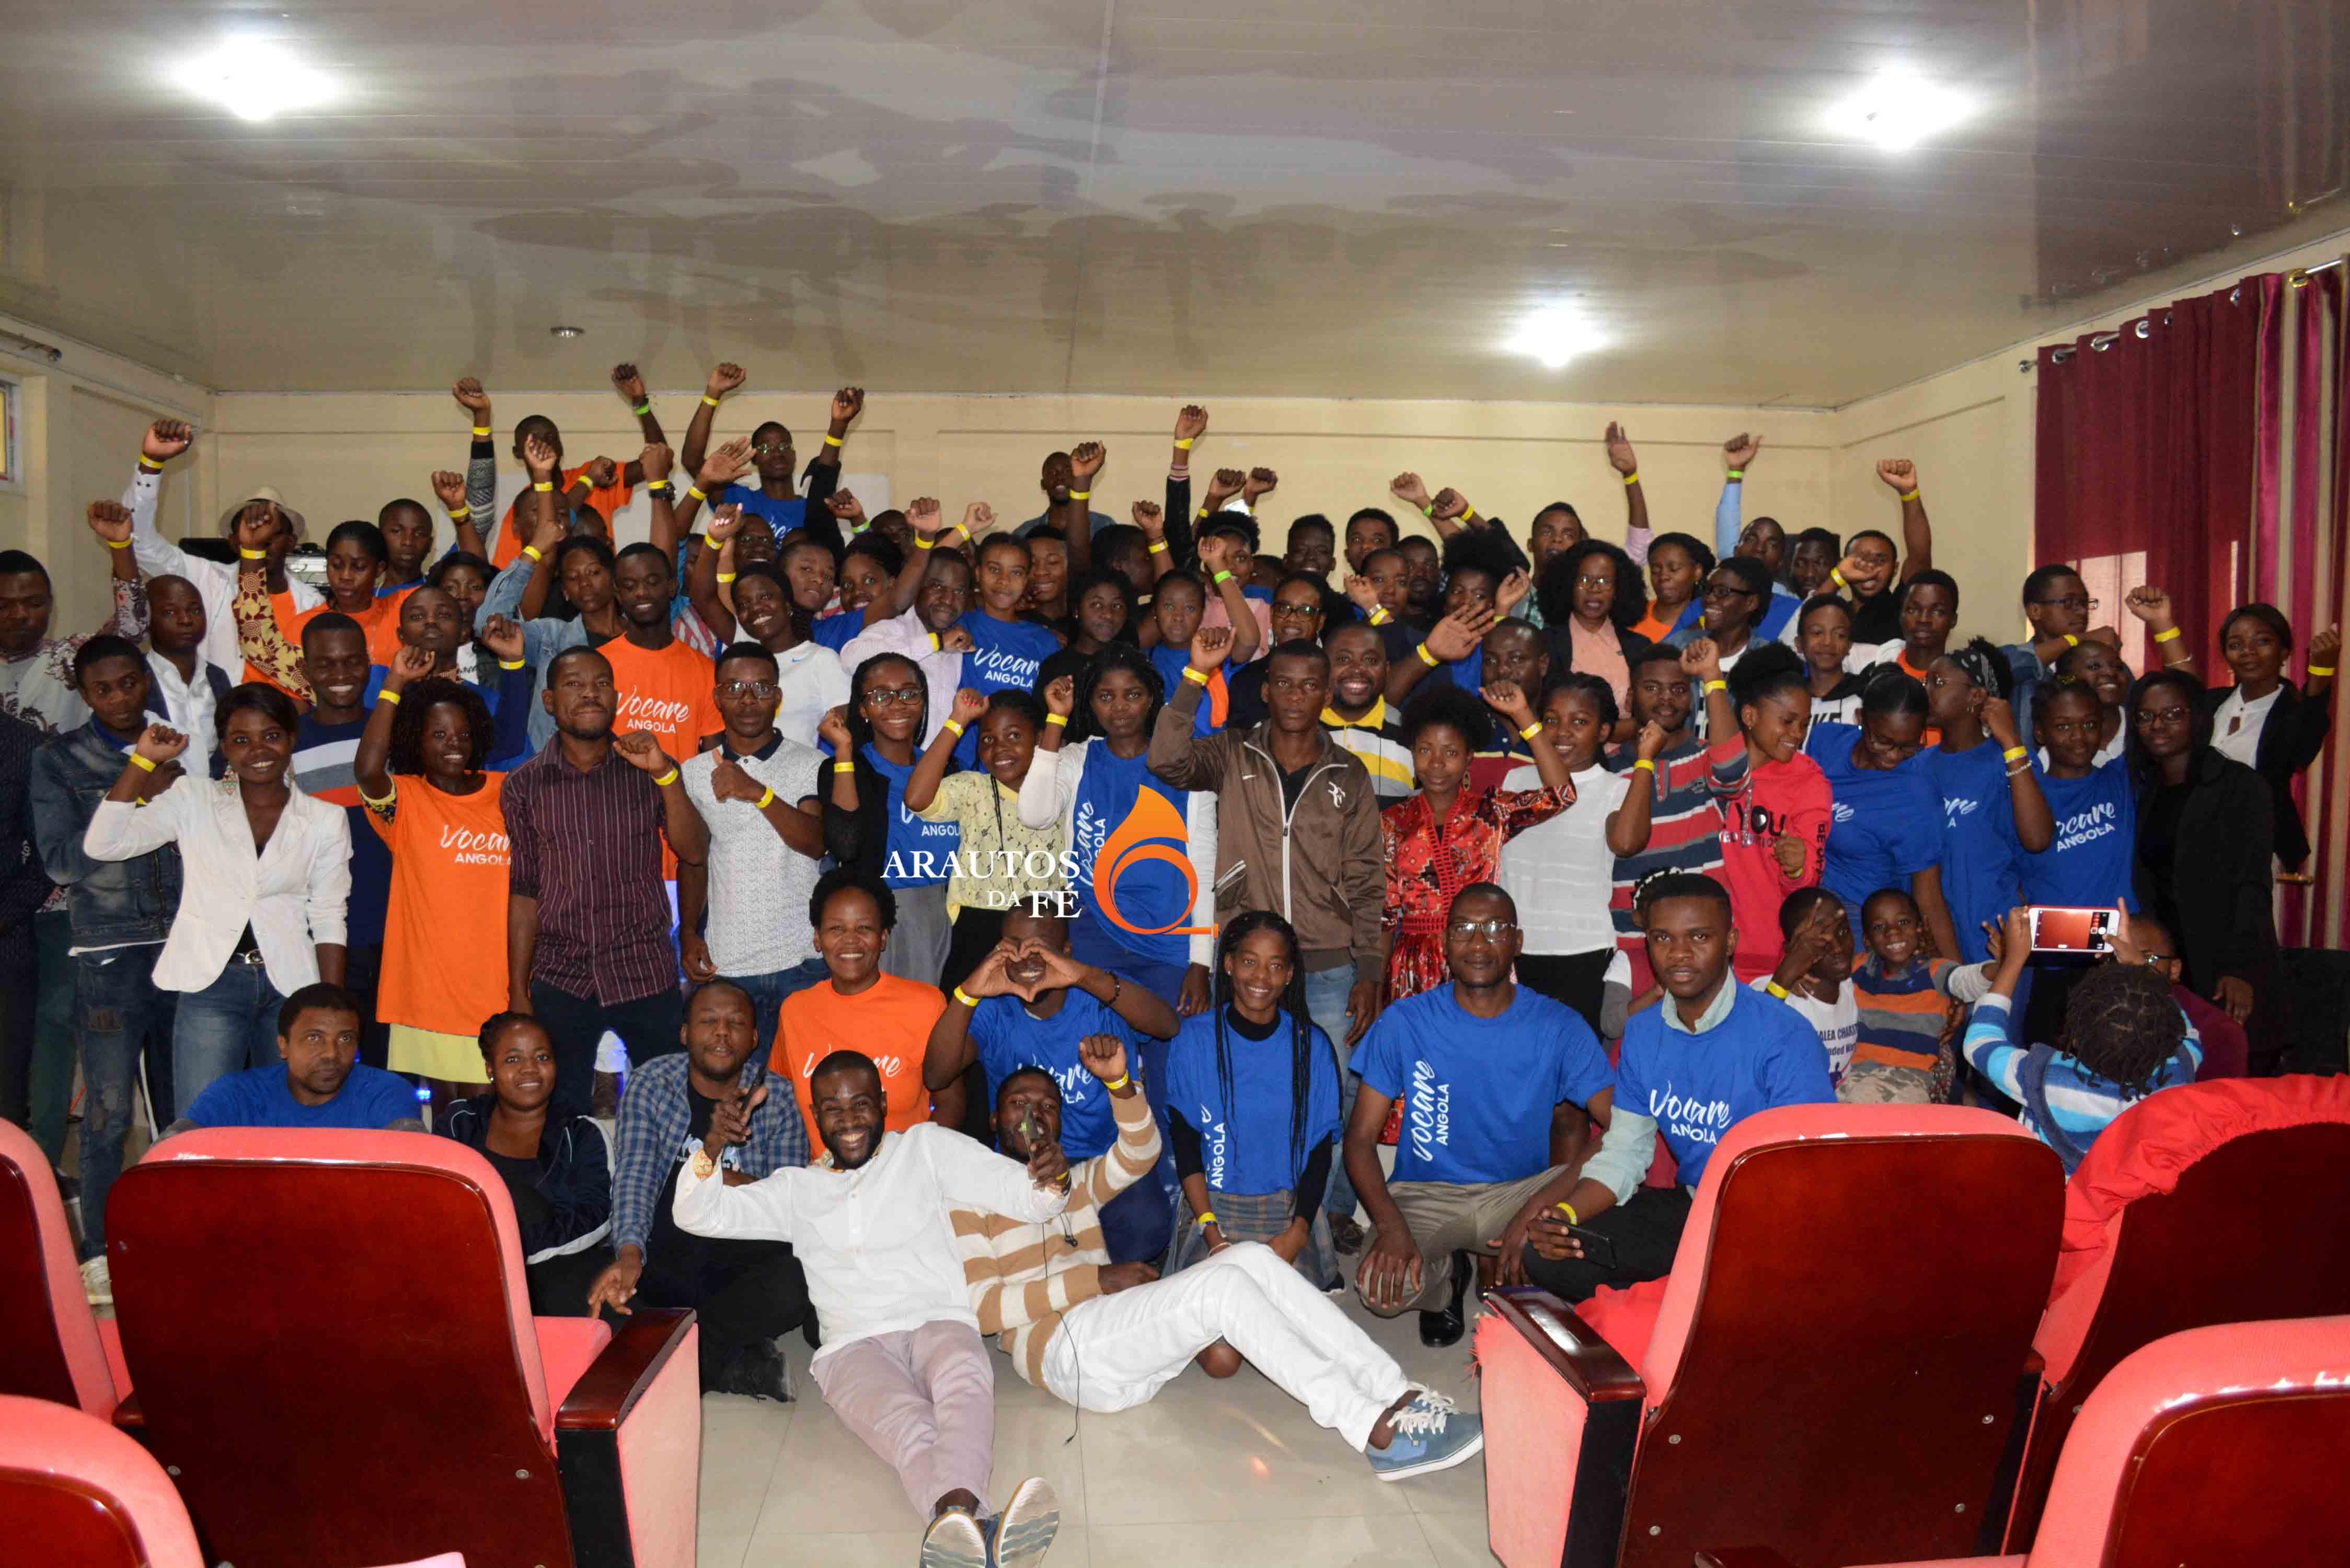 Evento contou com participantes de três províncias, além de Luanda.